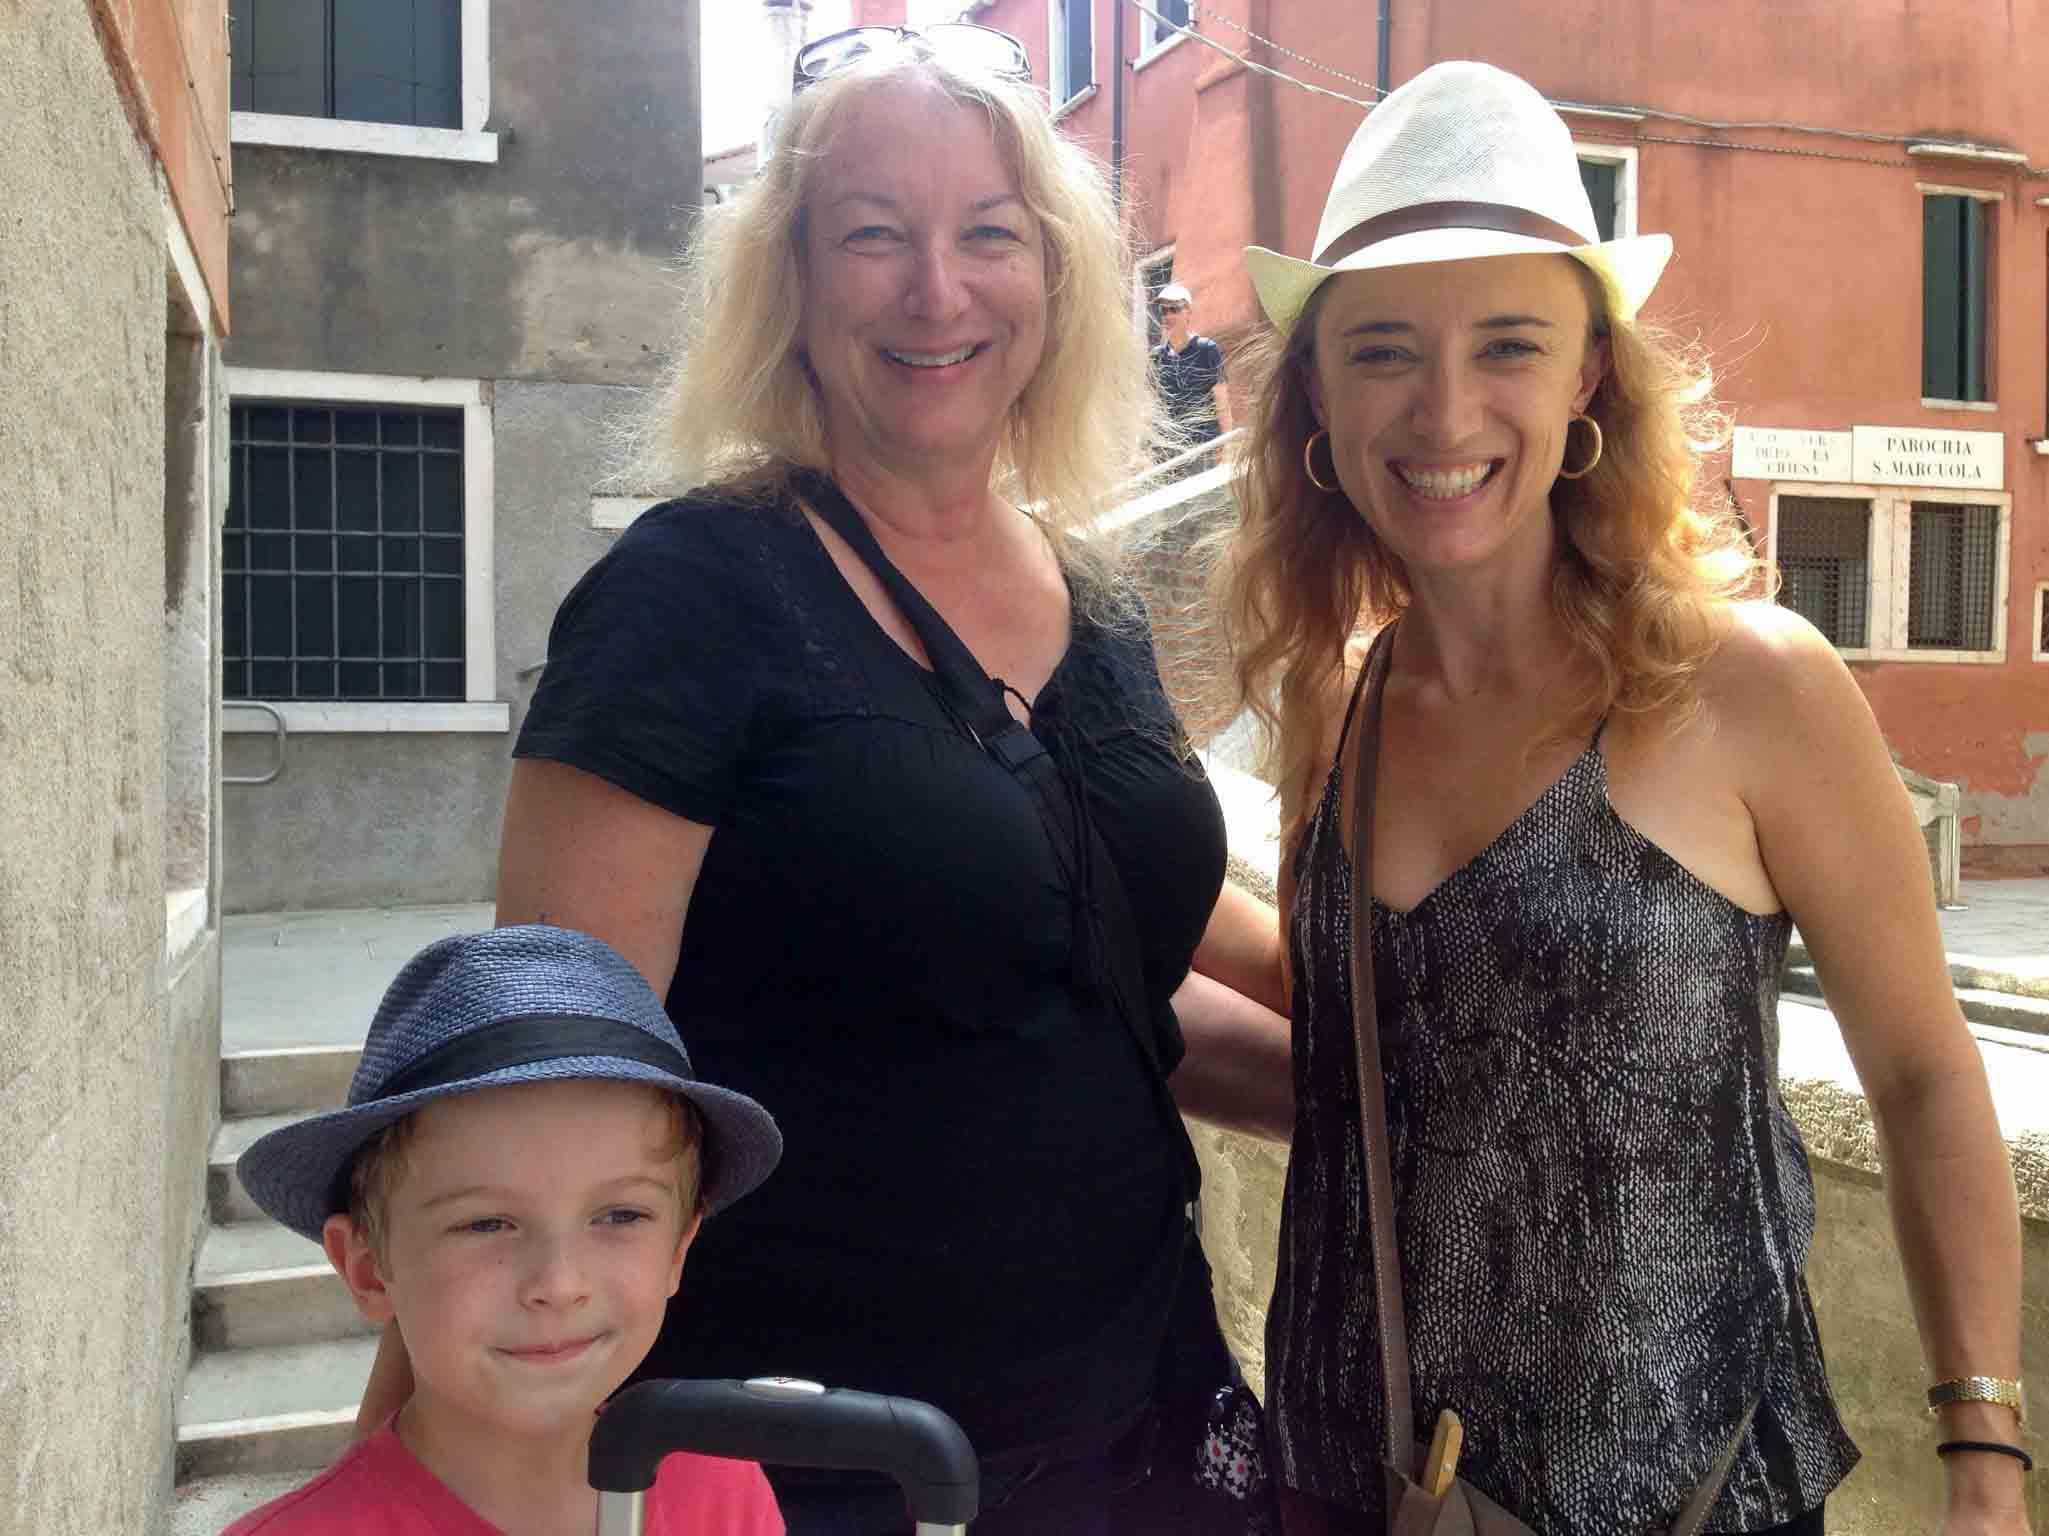 American art professor Nancy Hart who we visited in Venice. We met at San Cresci in 2014.